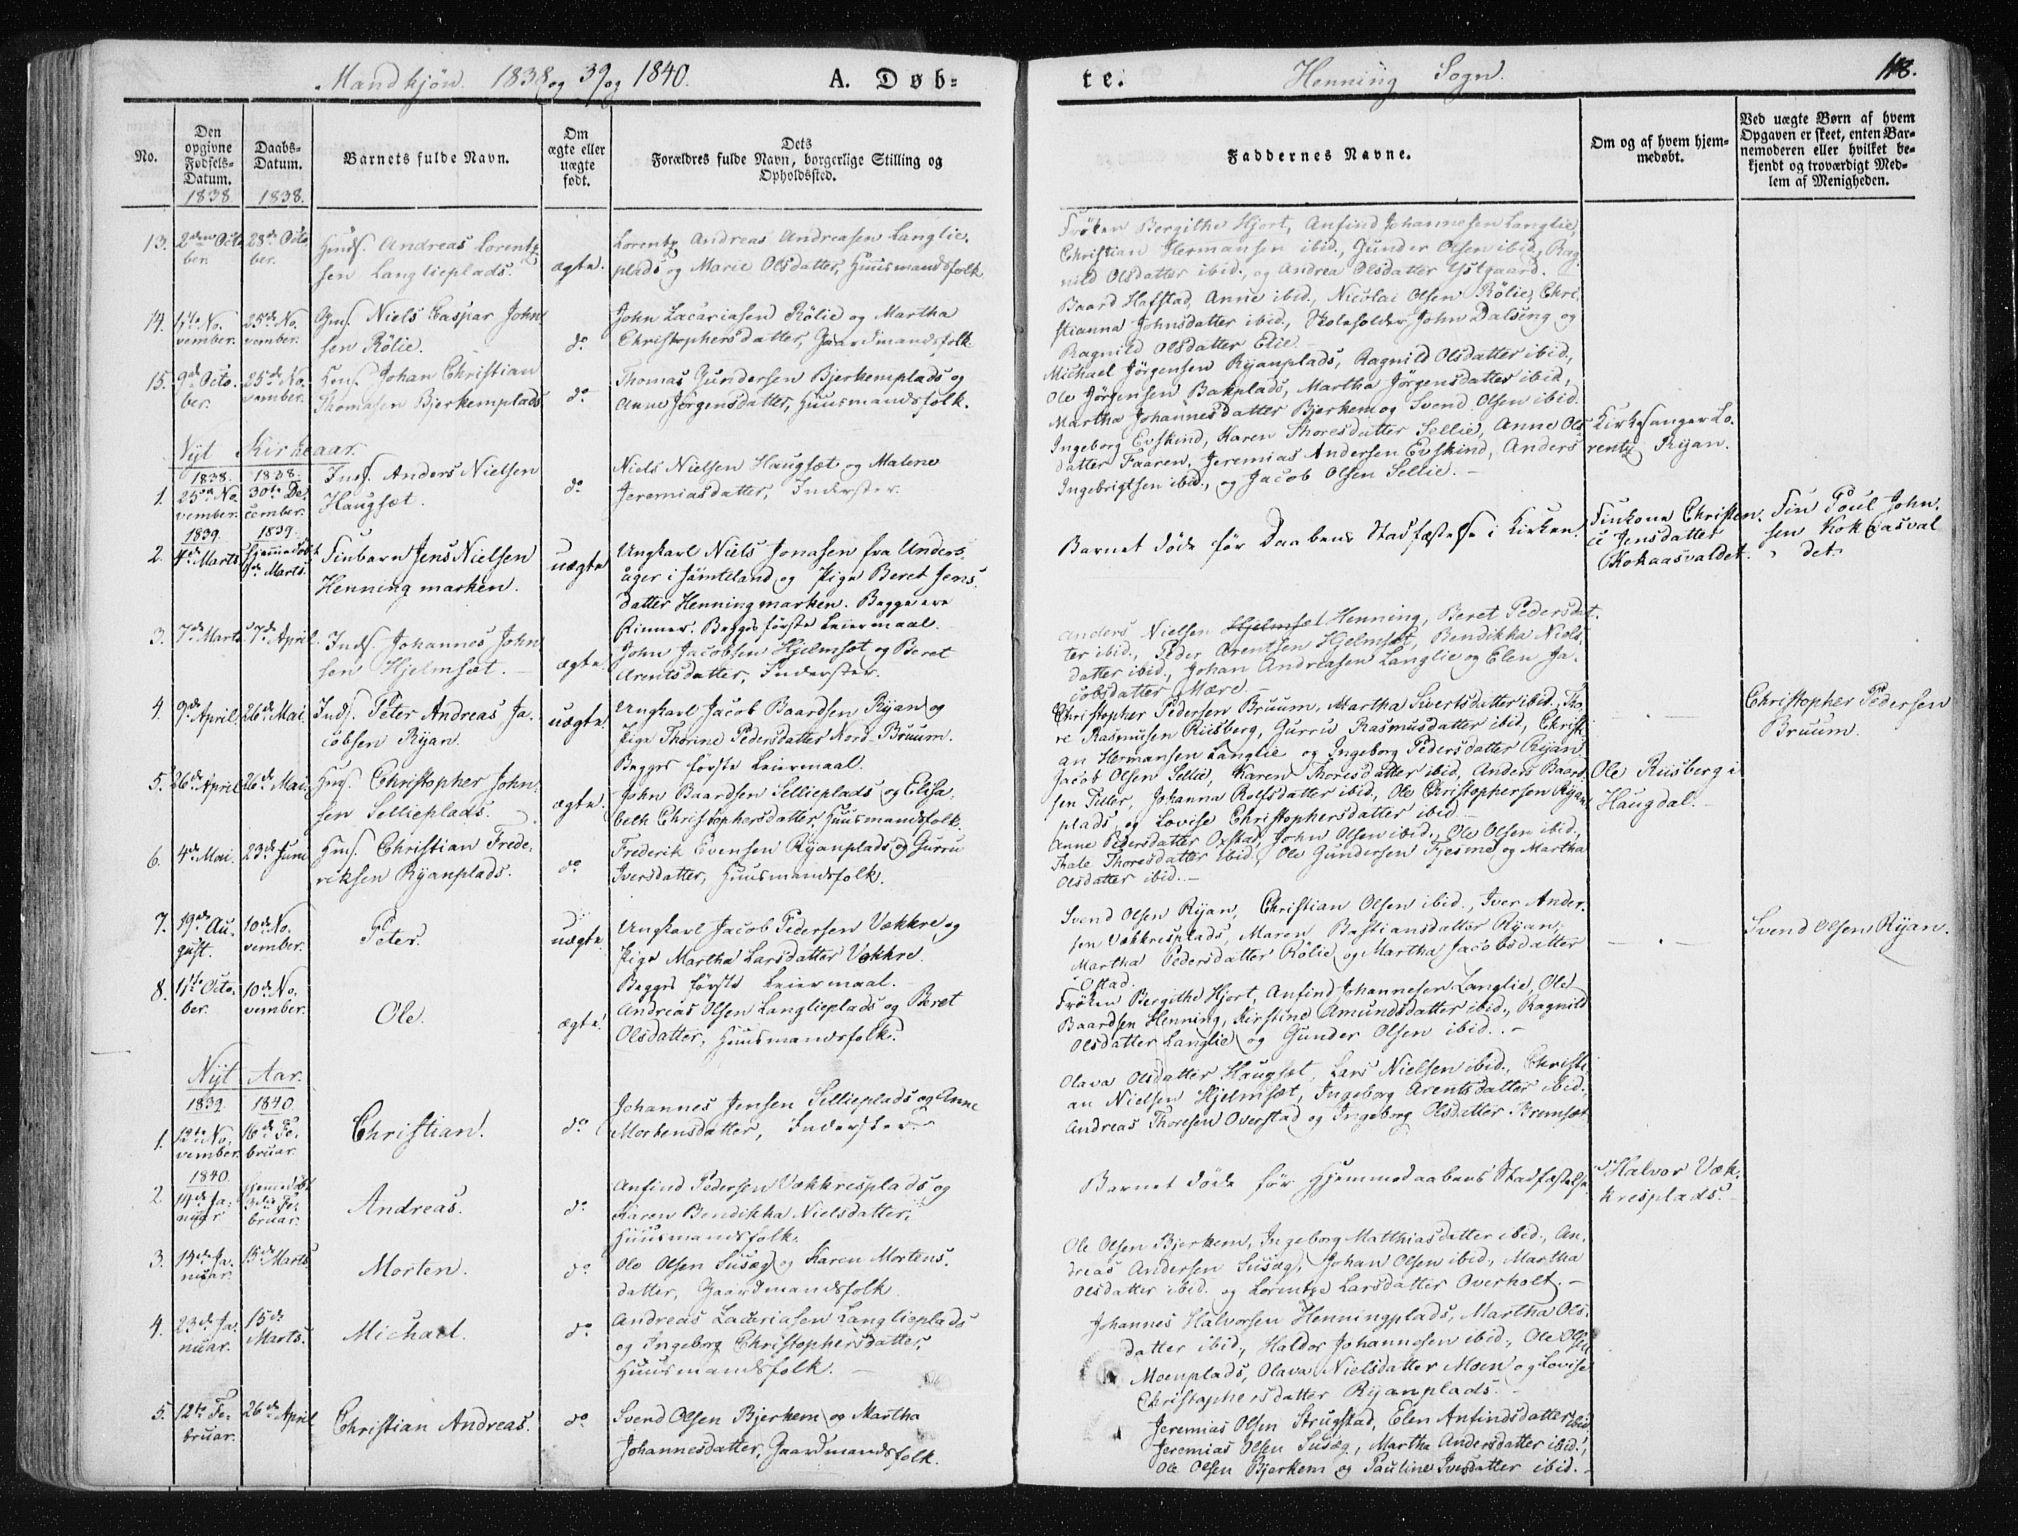 SAT, Ministerialprotokoller, klokkerbøker og fødselsregistre - Nord-Trøndelag, 735/L0339: Ministerialbok nr. 735A06 /3, 1836-1848, s. 118